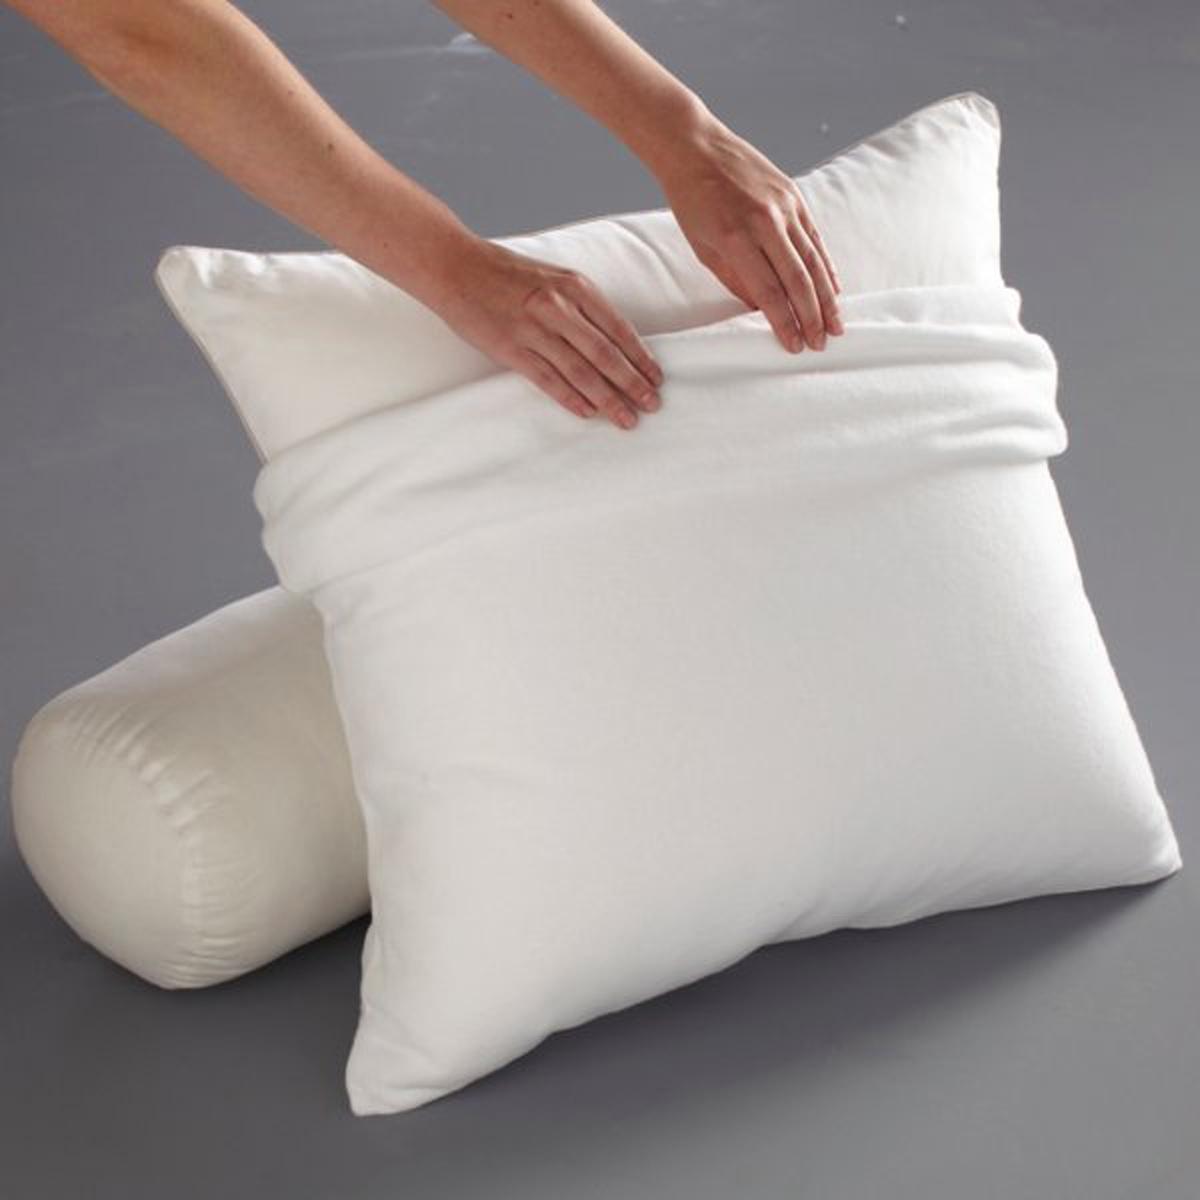 Чехол защитный для подушки, из стретч-мольтонаЗащитный чехол для подушки из стретч-мольтона (чесаного и стриженного) 80 % хлопка, 20 % полиэстера (220 гр/м?).Пропитка Proneem® против клещей, безвредная и экологически чистая, на растительной основе (лимон, лаванда и эвкалипт).Биоцидная обработка  Машинная стирка при 60 °С.Размеры :50 x 70 см63 x 63 смКачество BEST.<br><br>Цвет: белый<br>Размер: 63 x 63  см